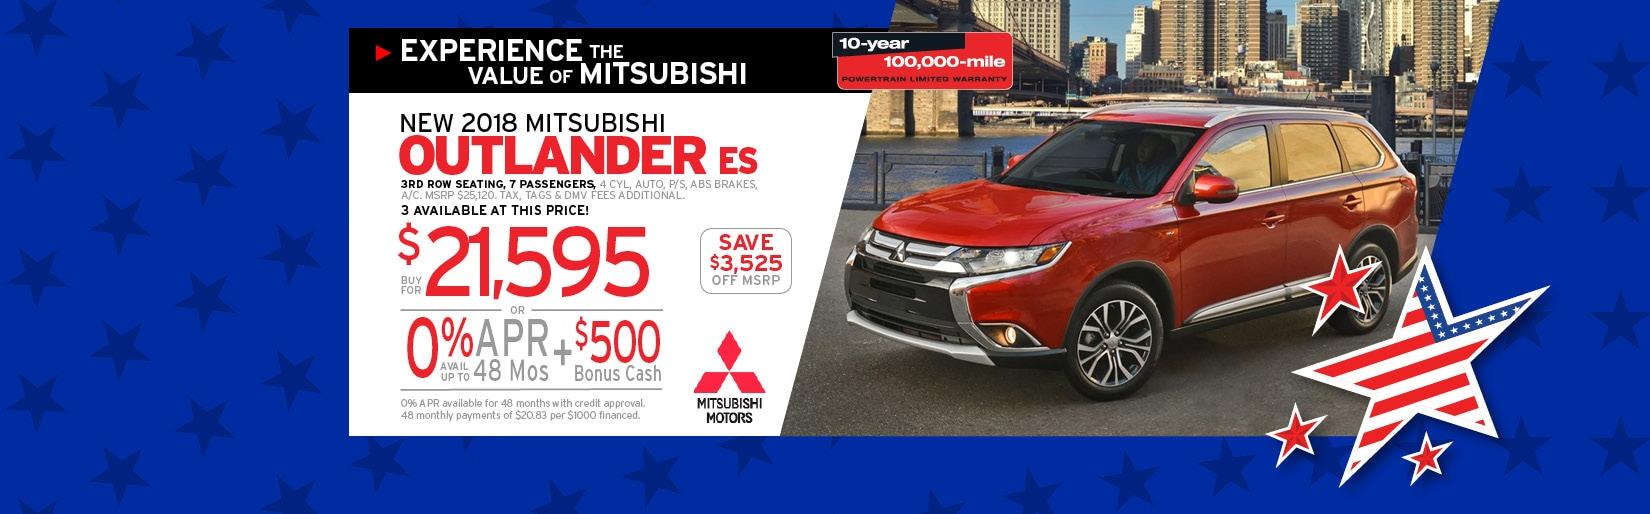 Smith Haven Mitsubishi New Mitsubishi Dealership In Saint James - Mitsubishi dealer link